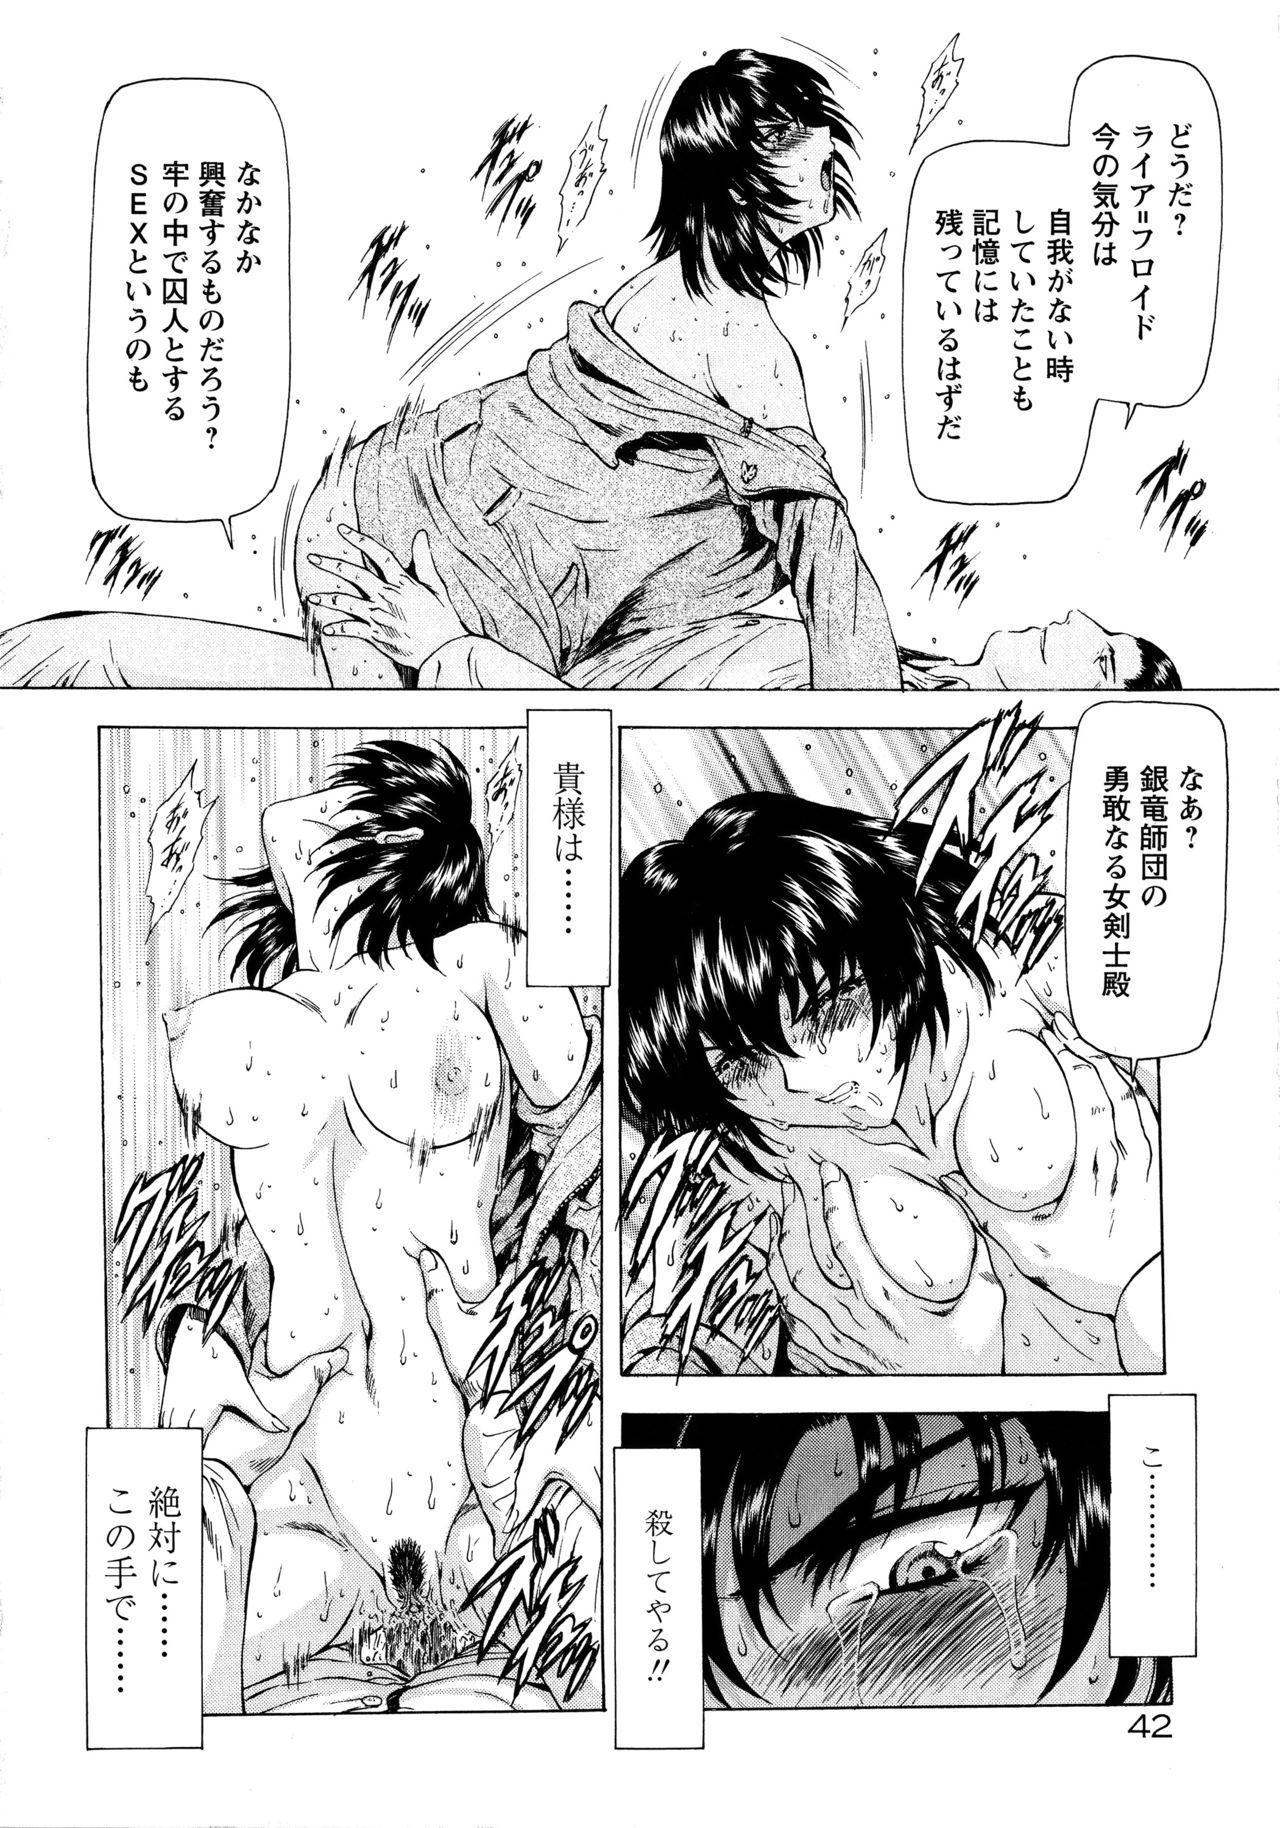 Ginryuu no Reimei Vol. 1 49